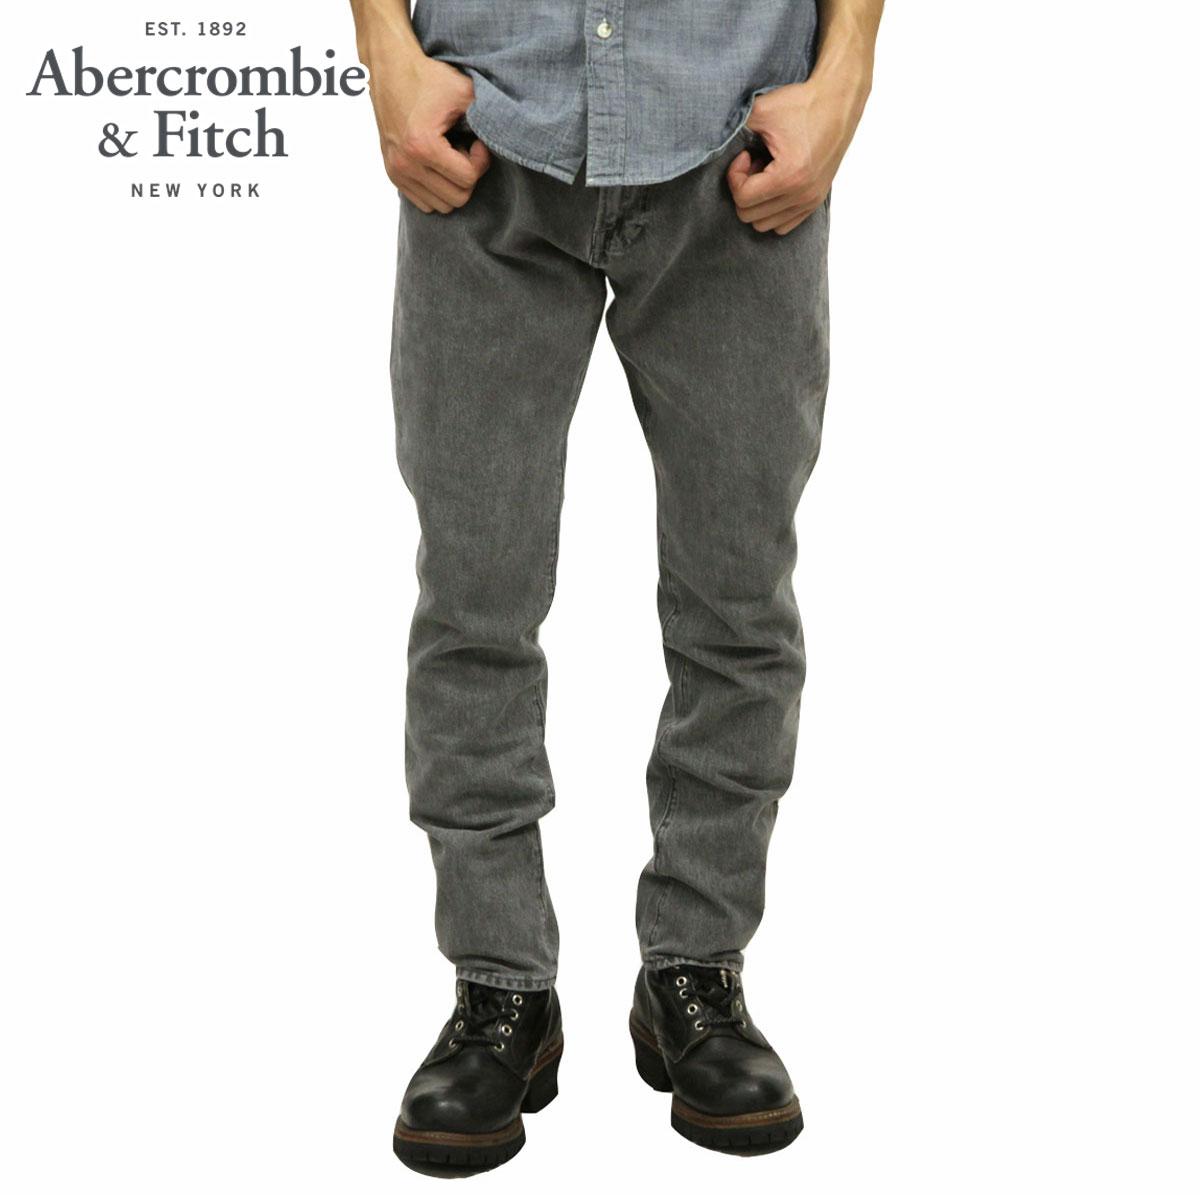 アバクロ ジーンズ メンズ 正規品 Abercrombie&Fitch スキニージーンズ ジーパン ATHLETIC SKINNY JEANS 131-318-1445-178